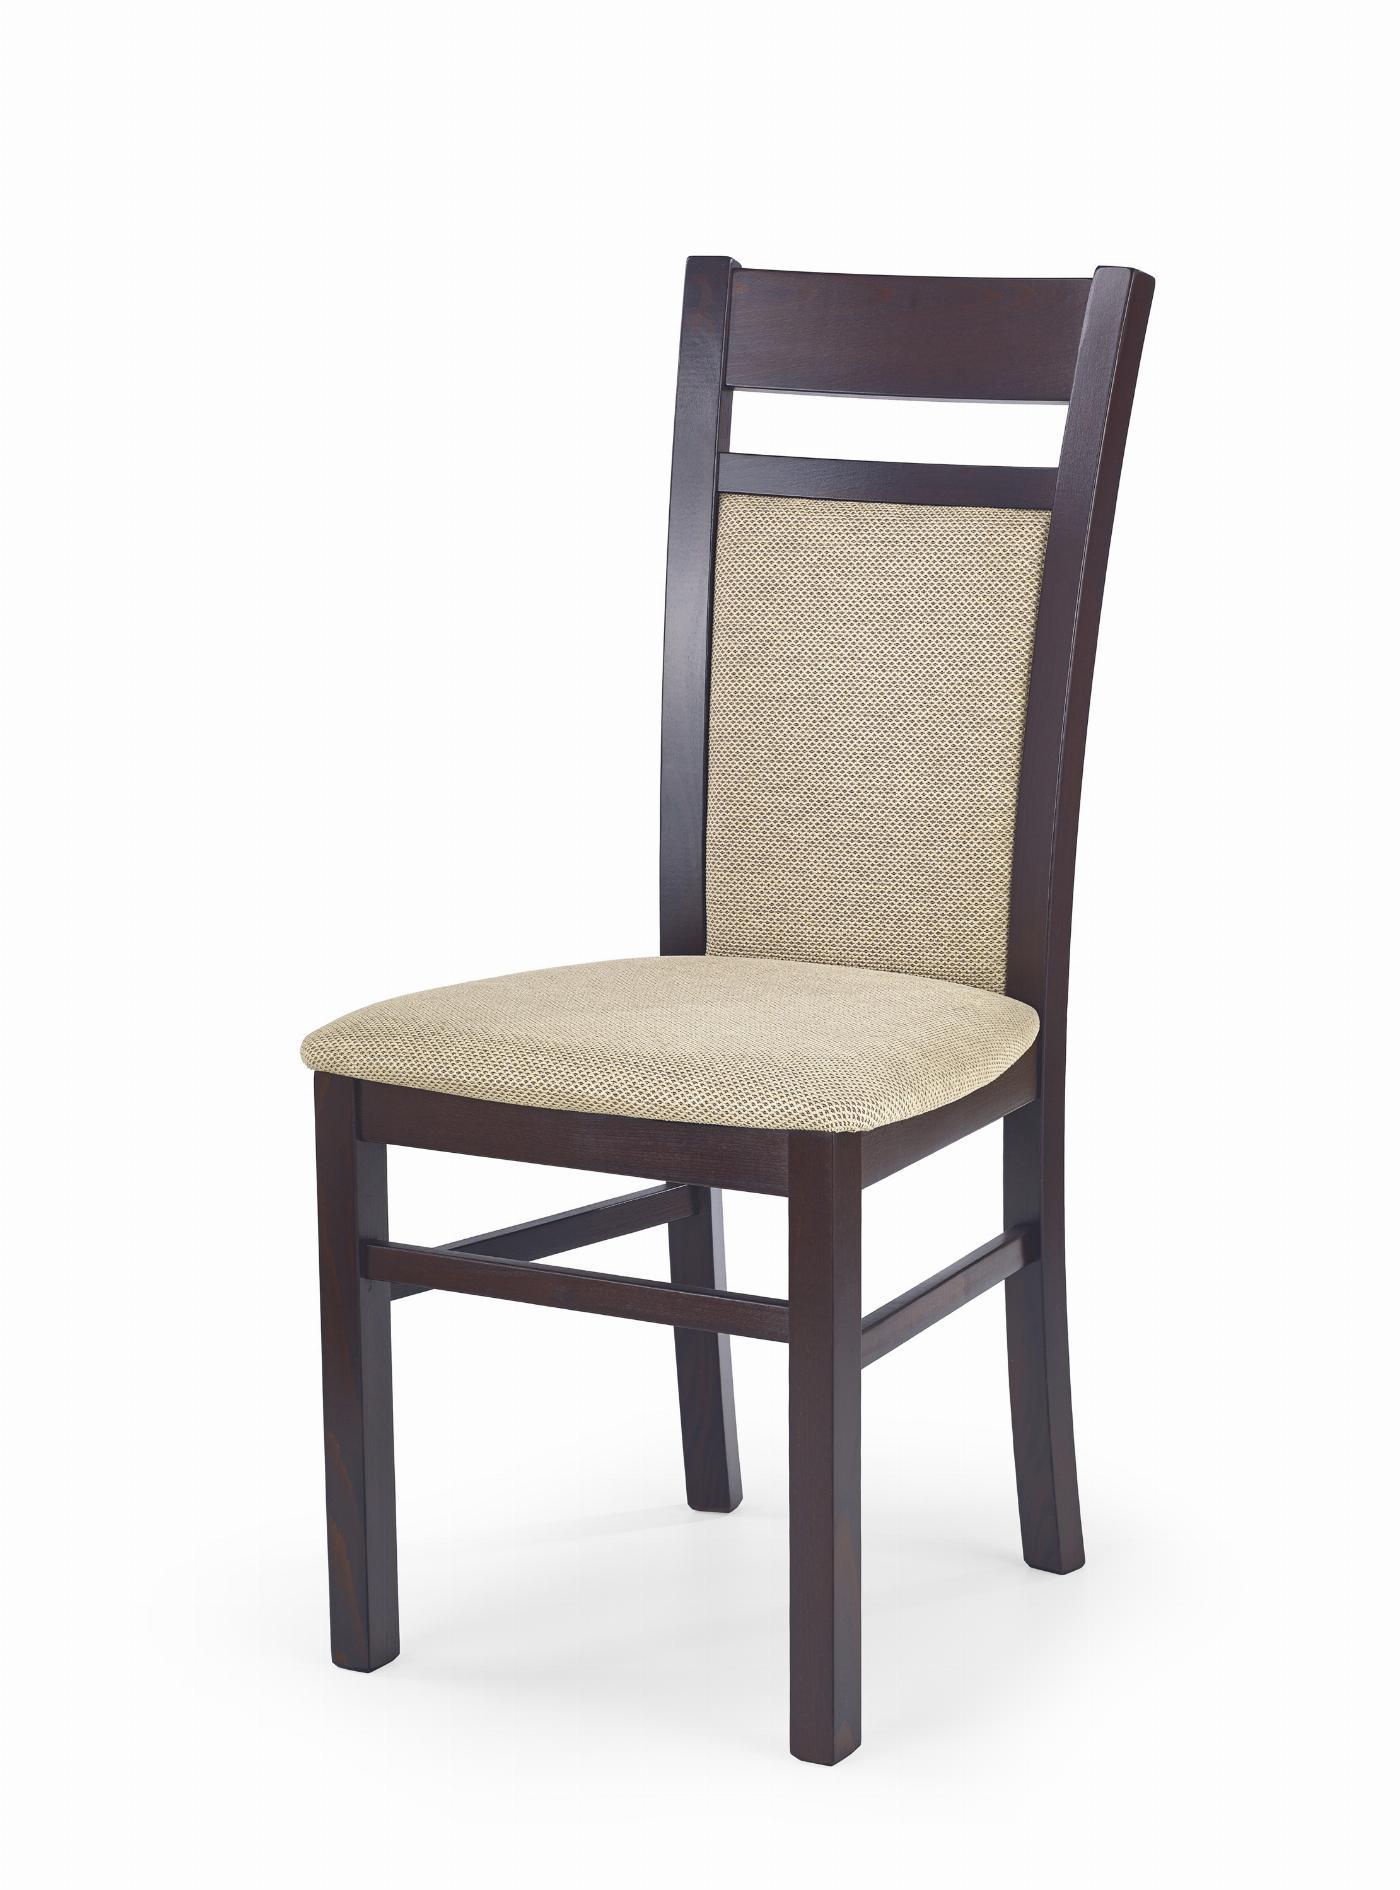 GERARD2 krzesło ciemny orzech / tap: Torent Beige (1p=2szt)